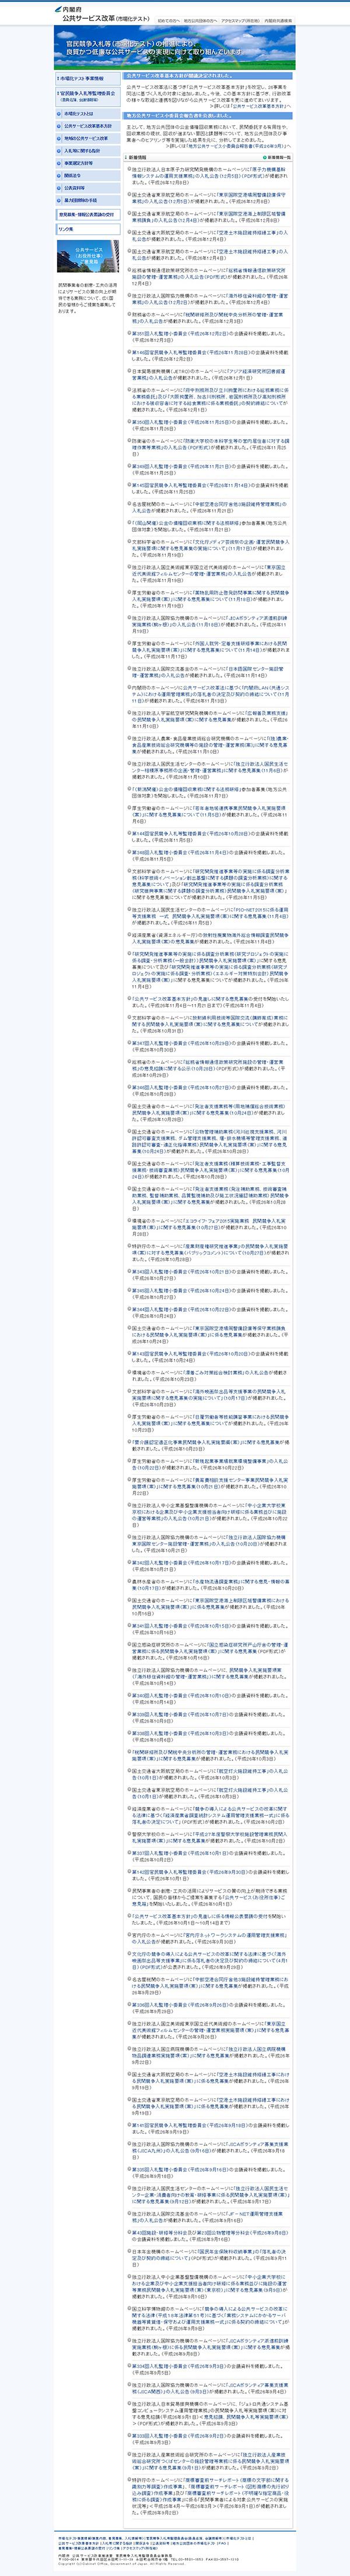 内閣府/公共サービス改革(市場化テスト)